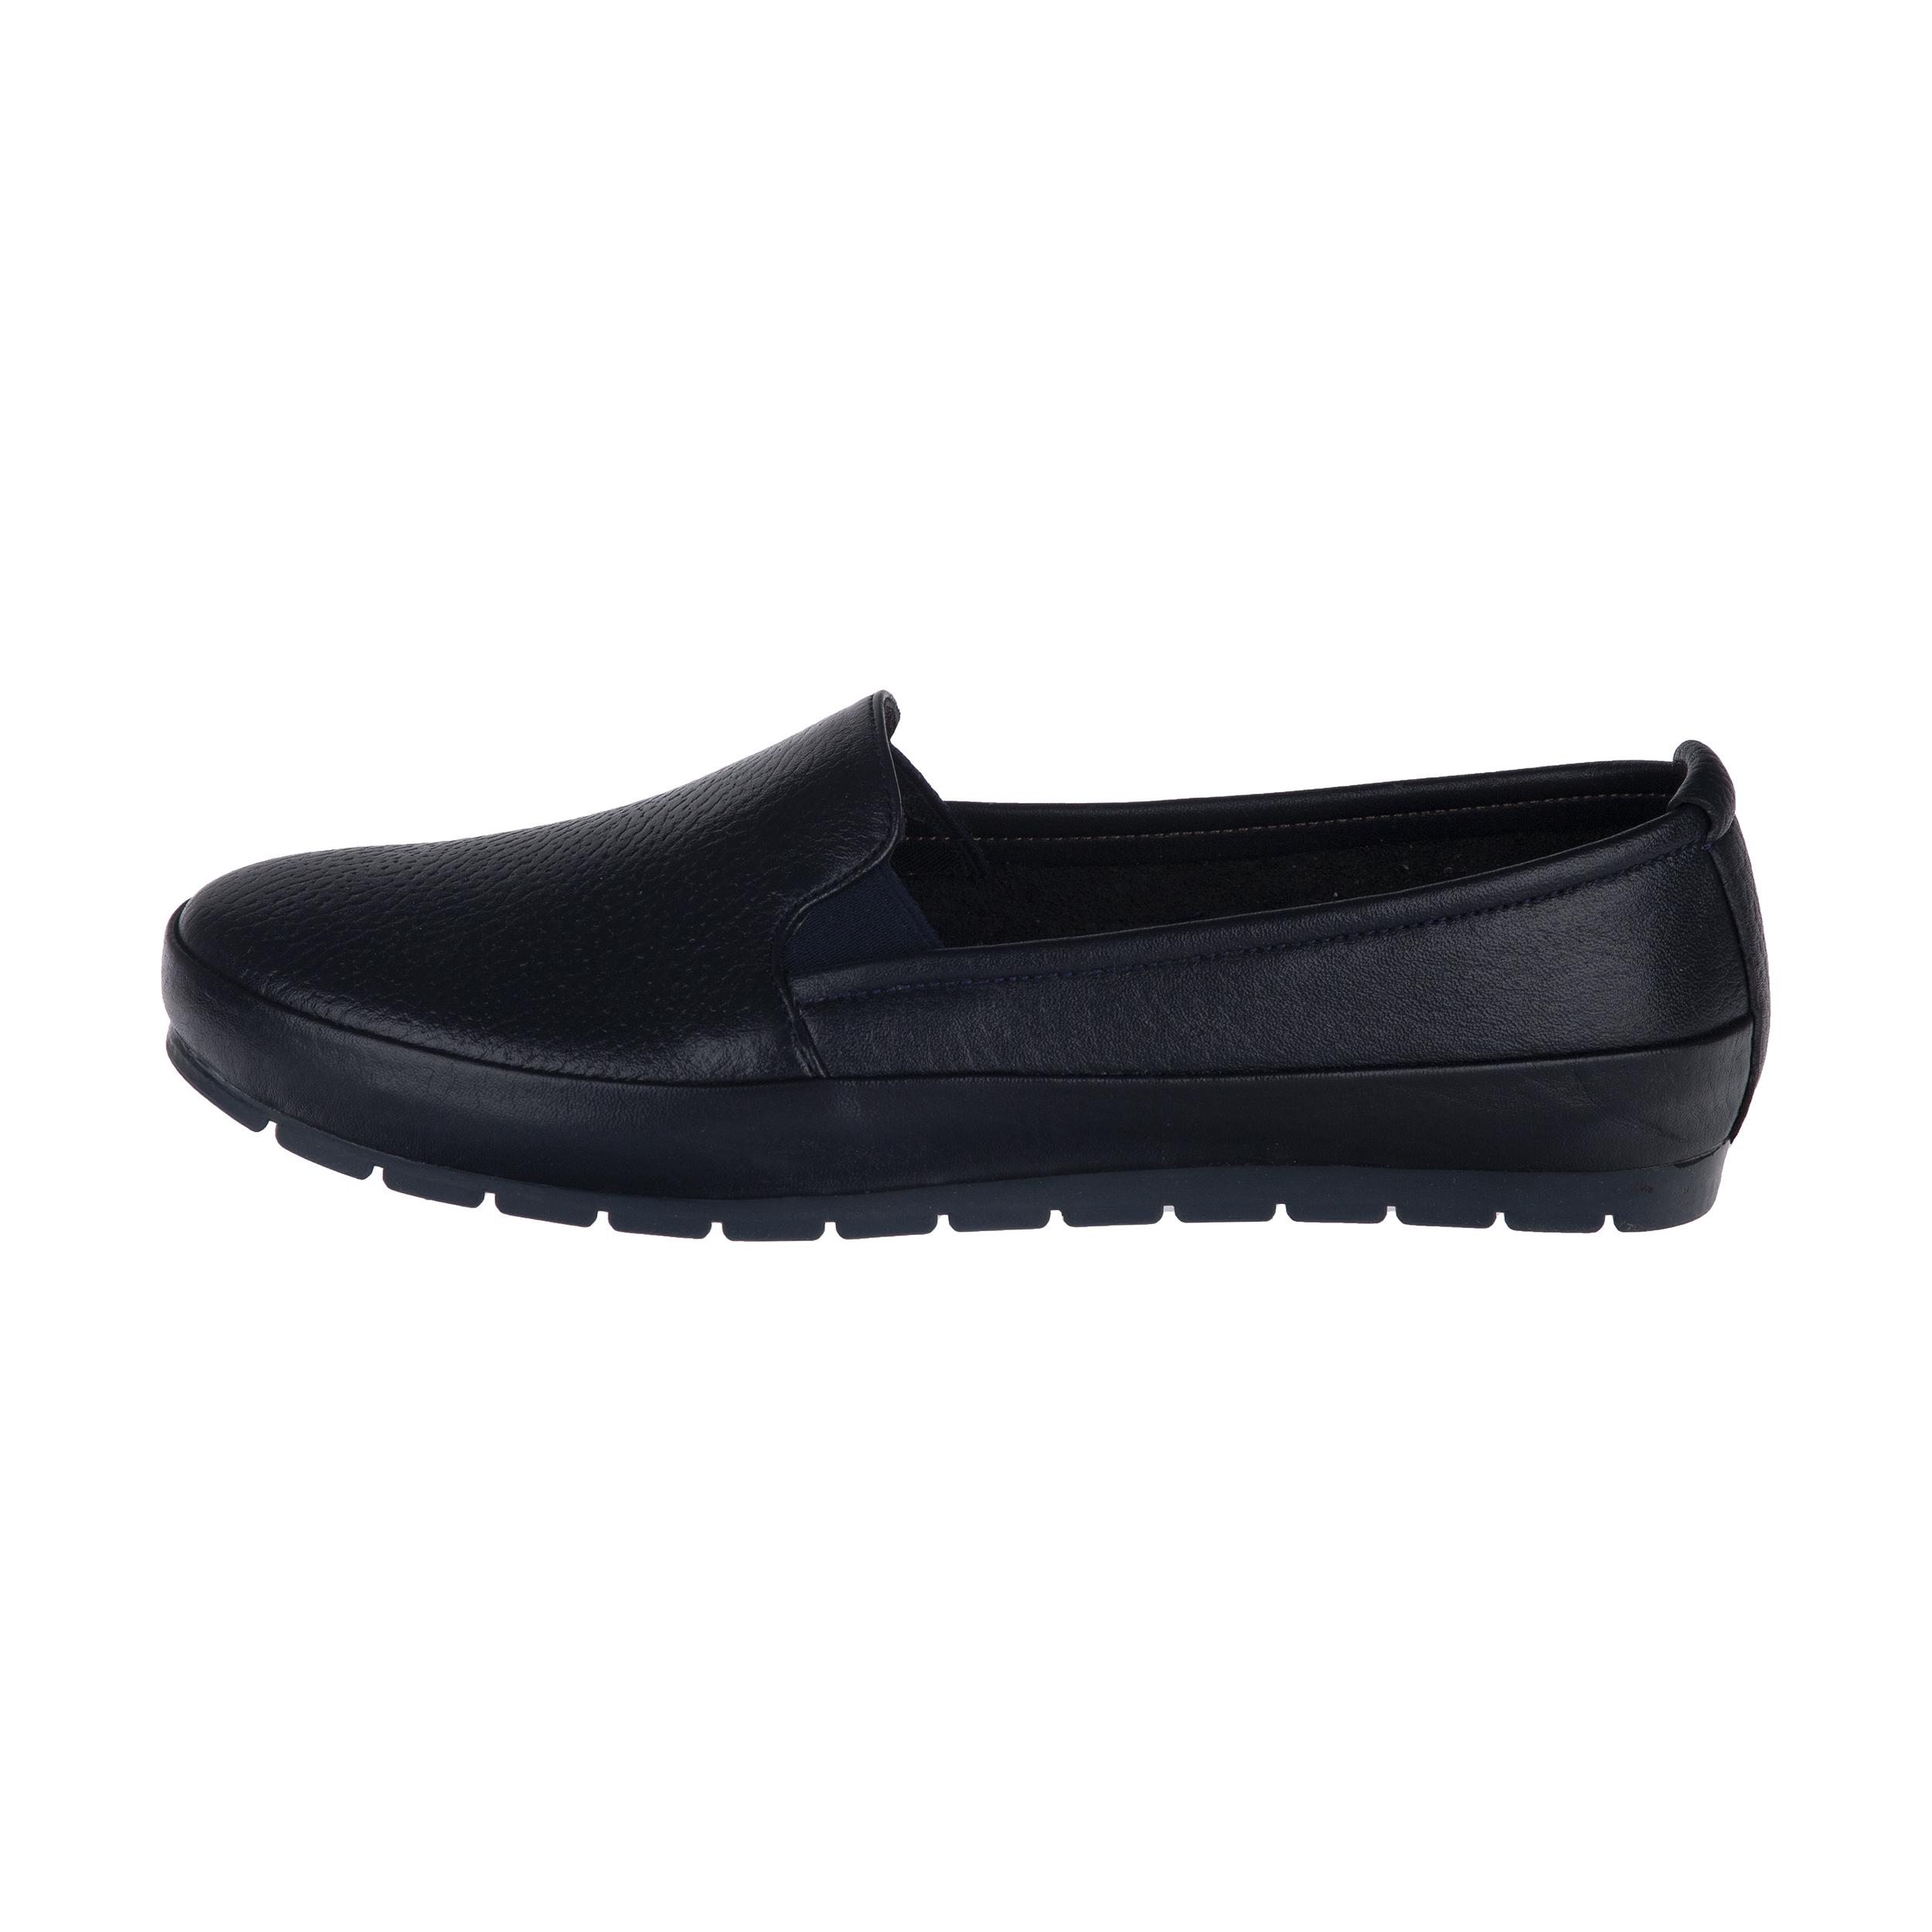 کفش روزمره زنانه بلوط مدل 5313A500103